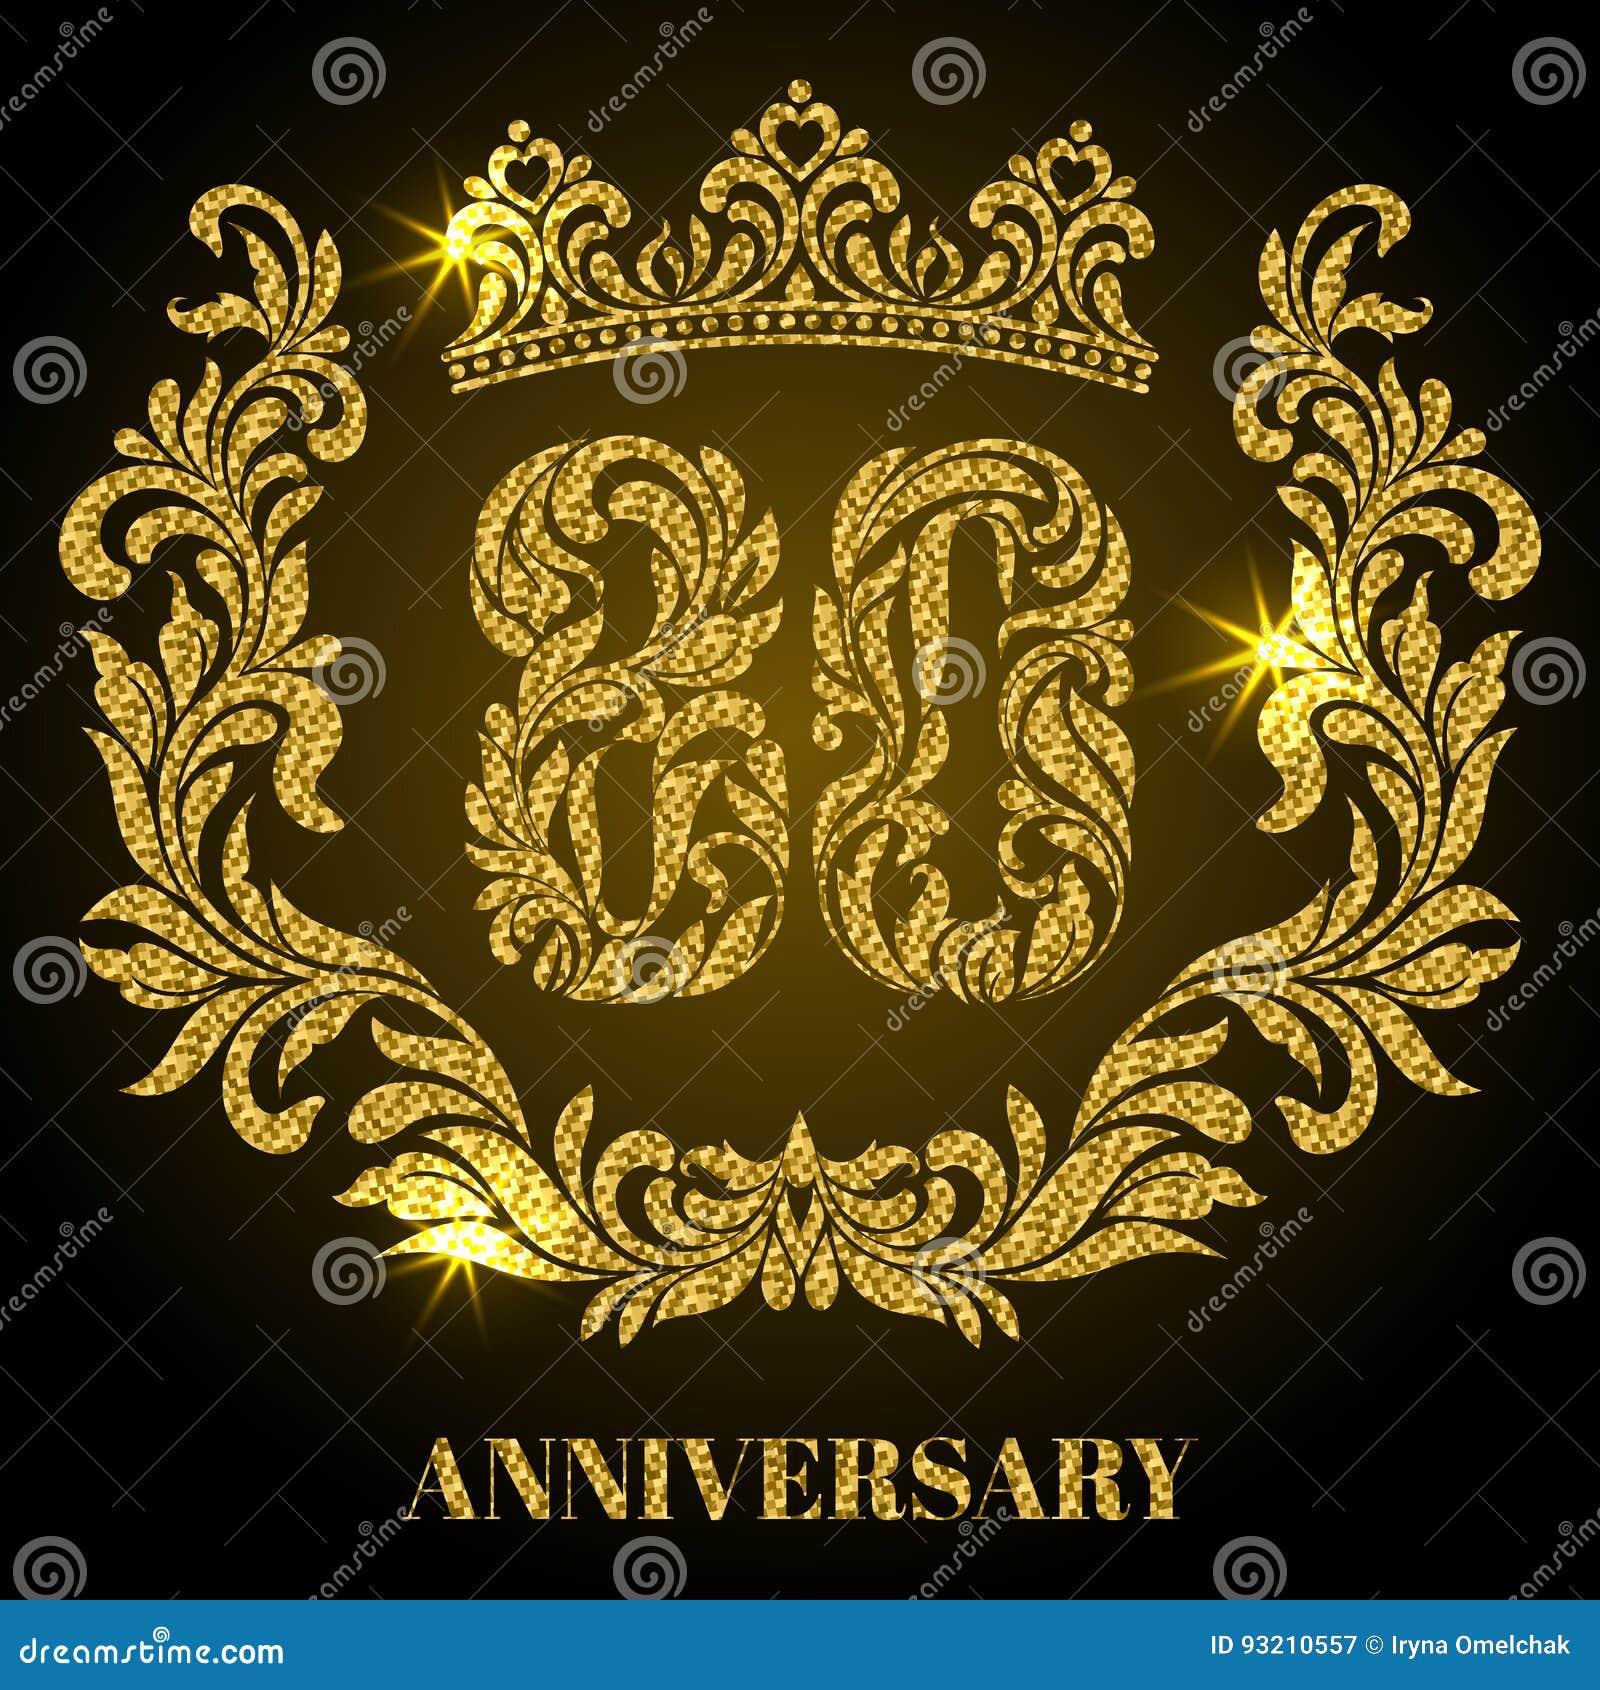 Extreem Verjaardag Van 80 Jaar Cijfers, Kader En Kroon In Wervelingen @UH71